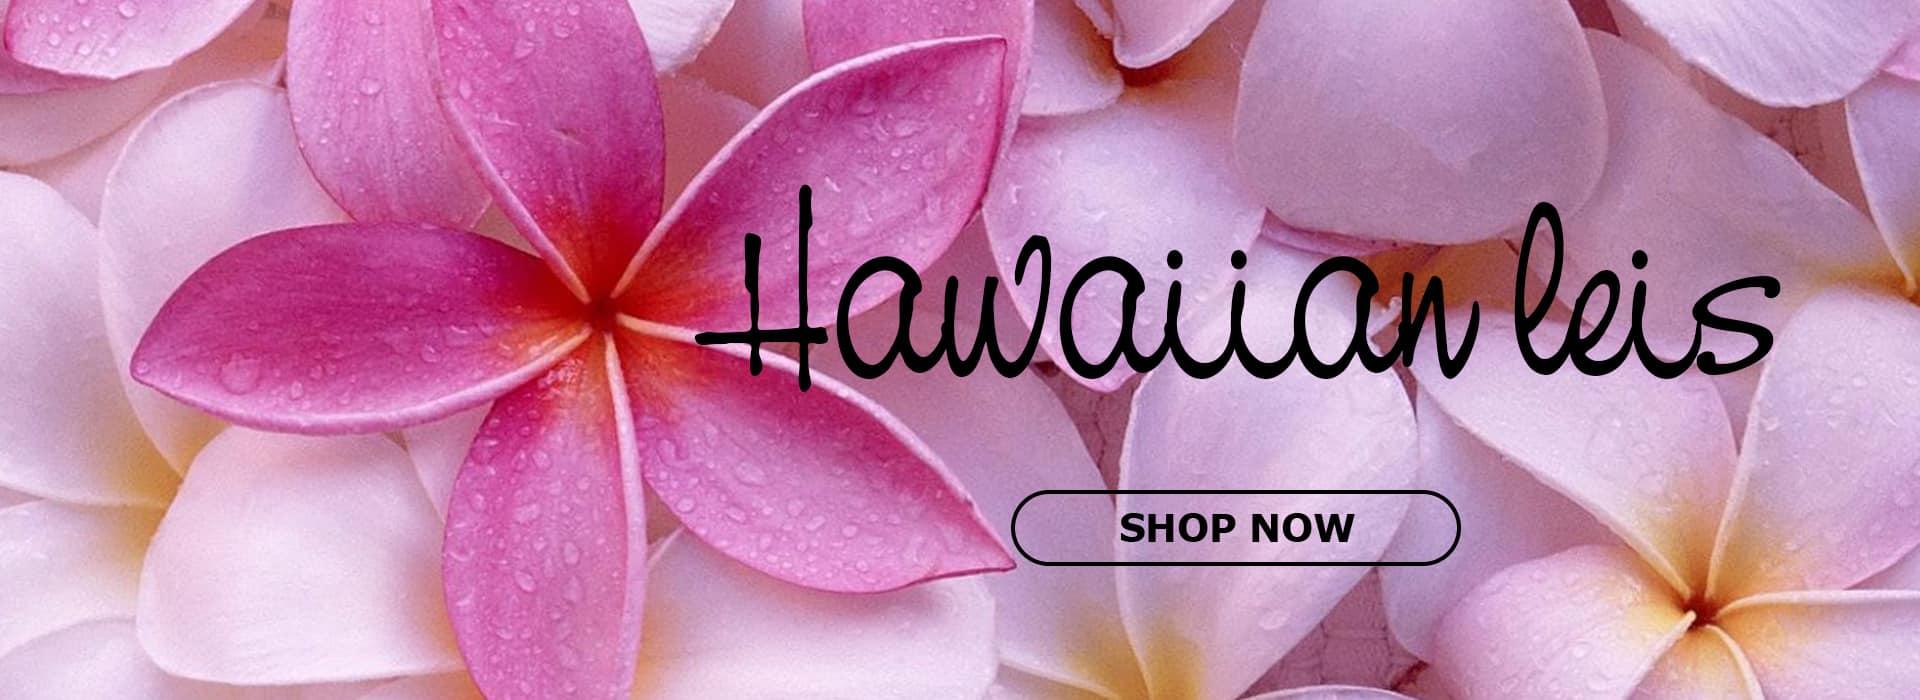 hawaiian leis slide